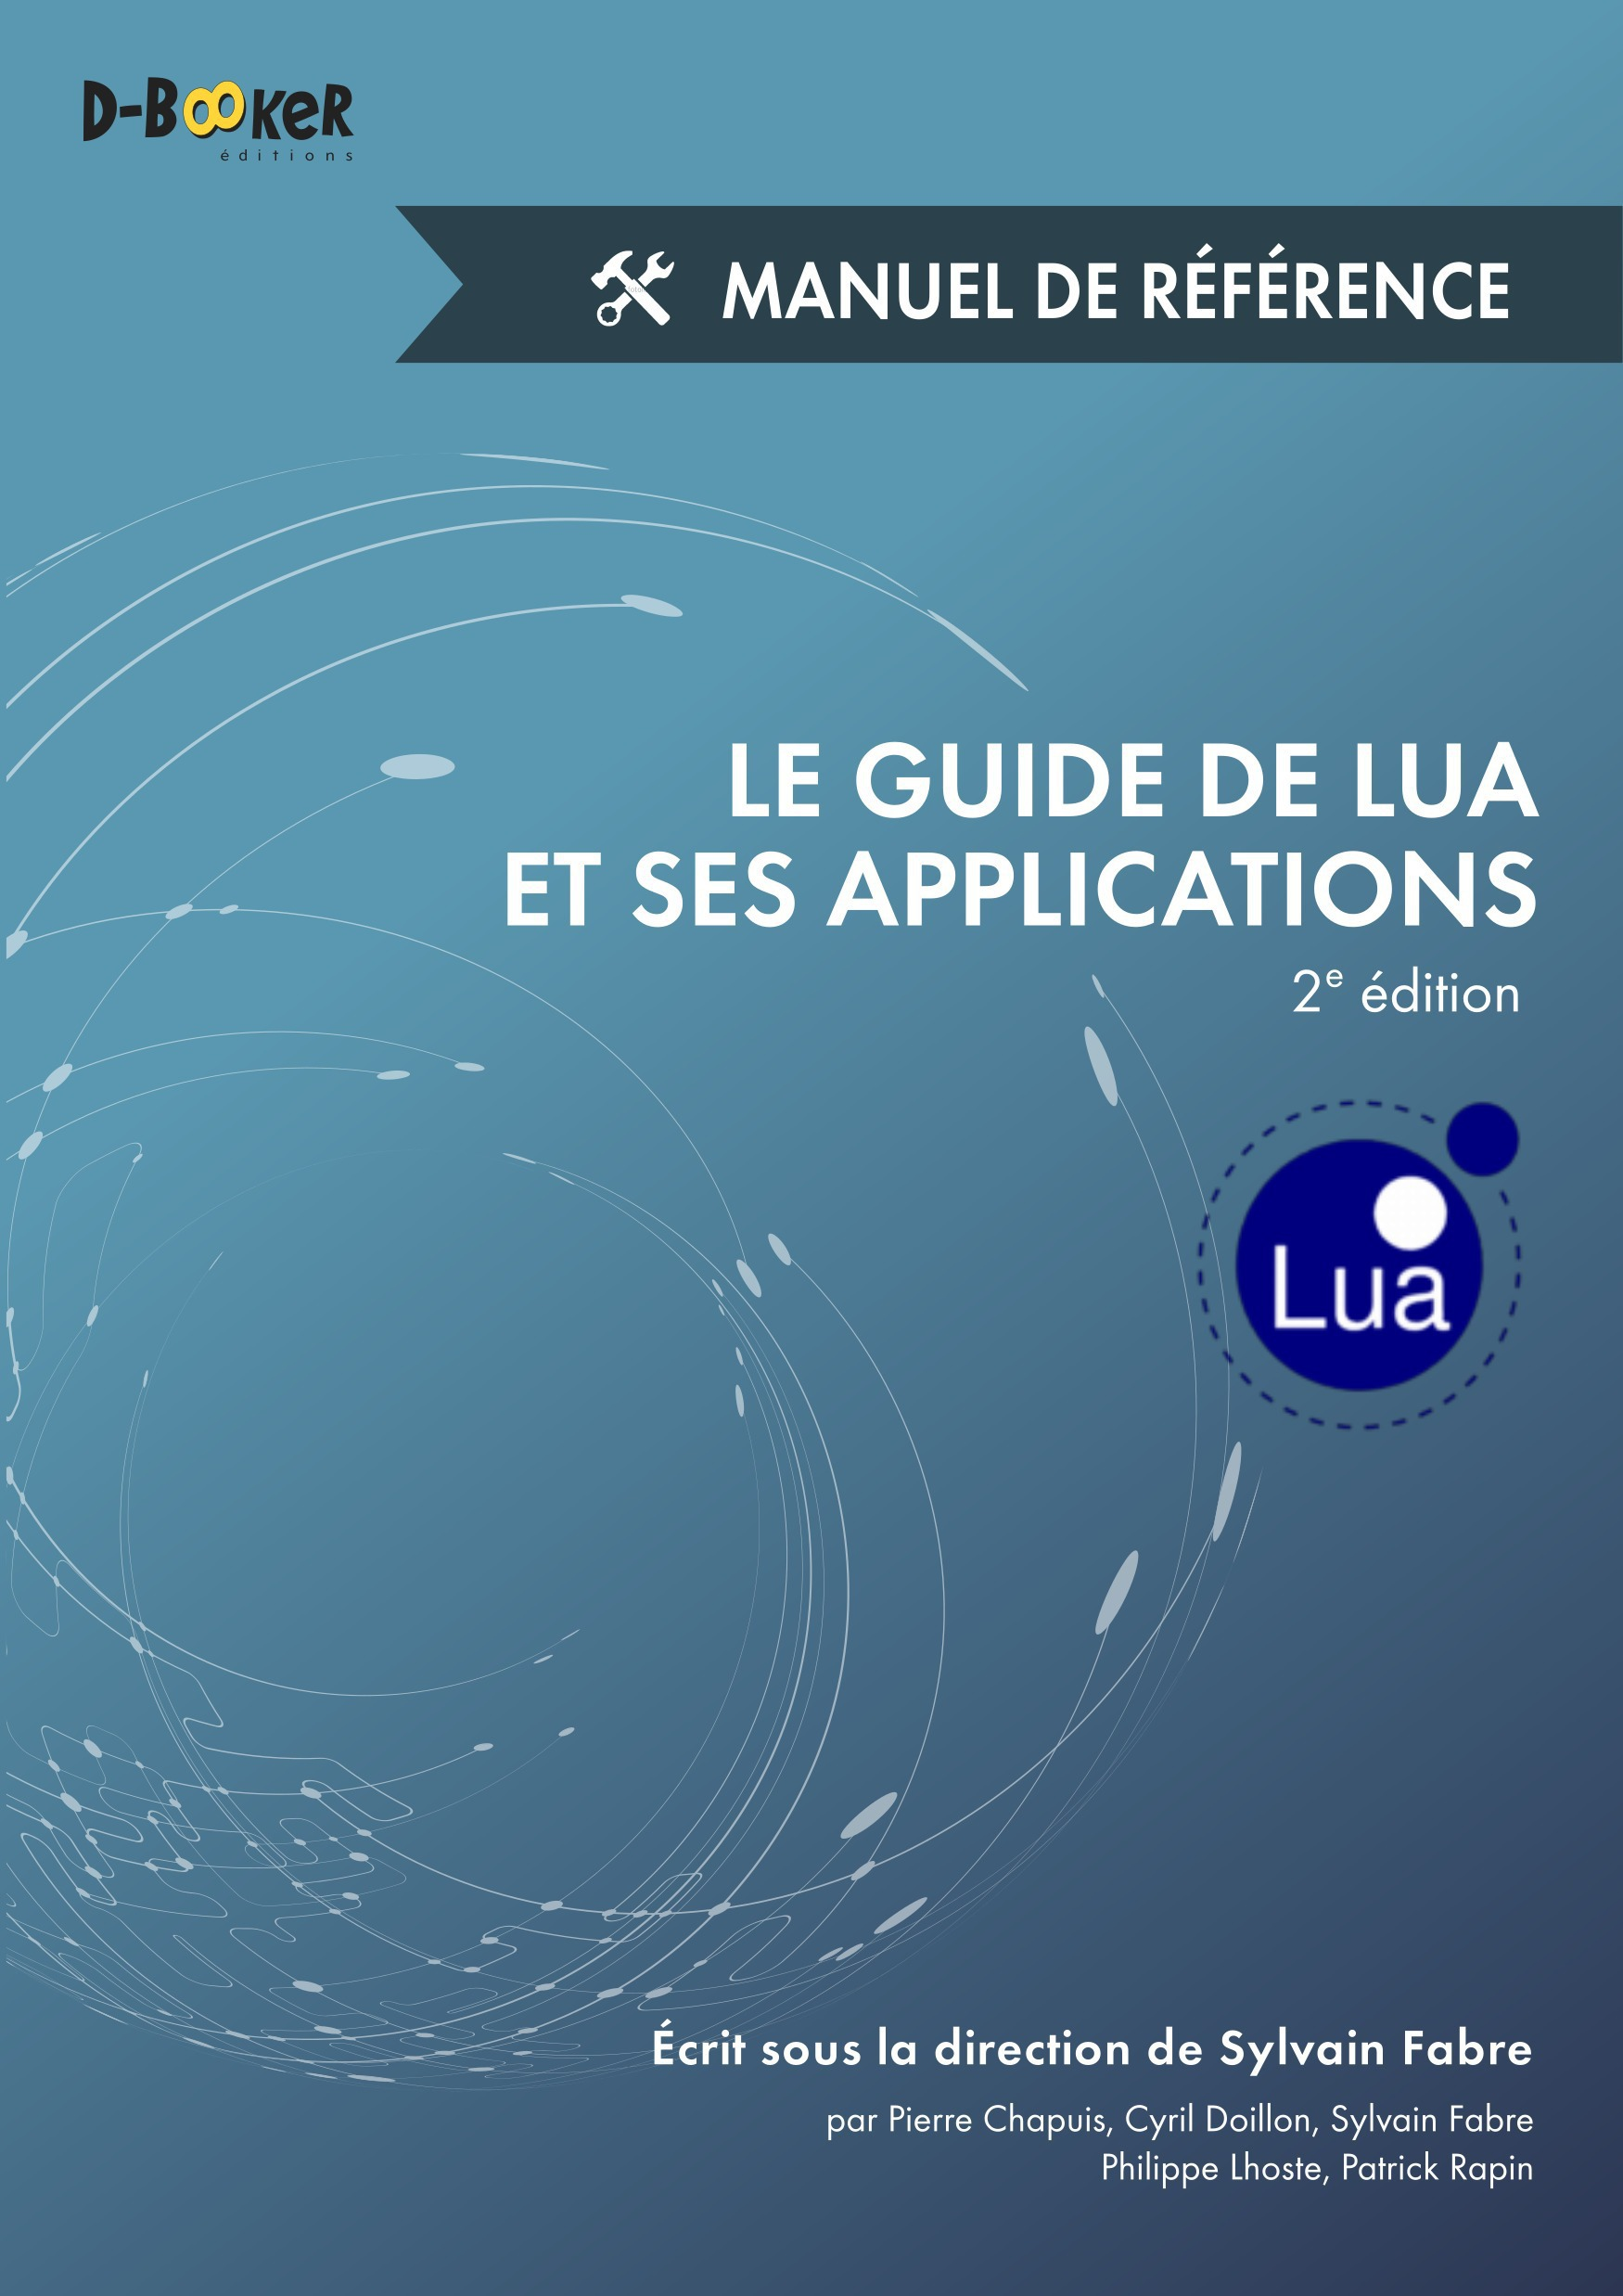 Le guide de Lua et ses applications ; manuel de référence (2e édition)